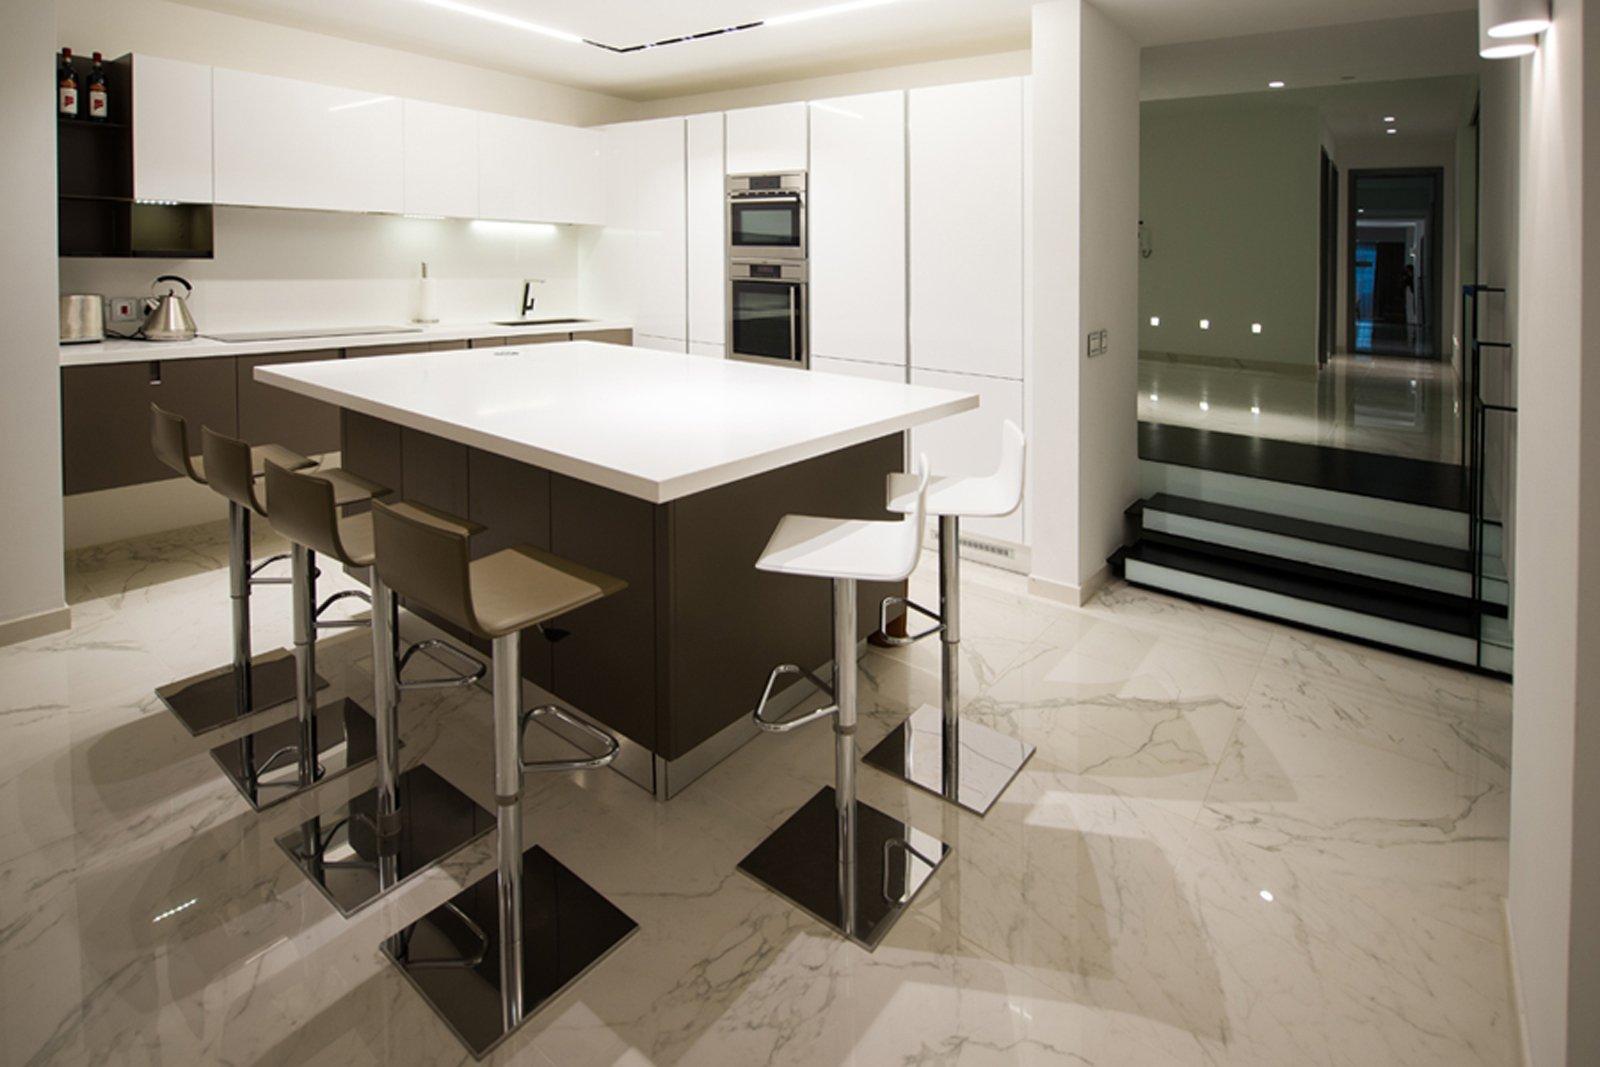 Pavimenti cucine moderne latest cucina bianca lucida - Pavimenti per cucine moderne ...